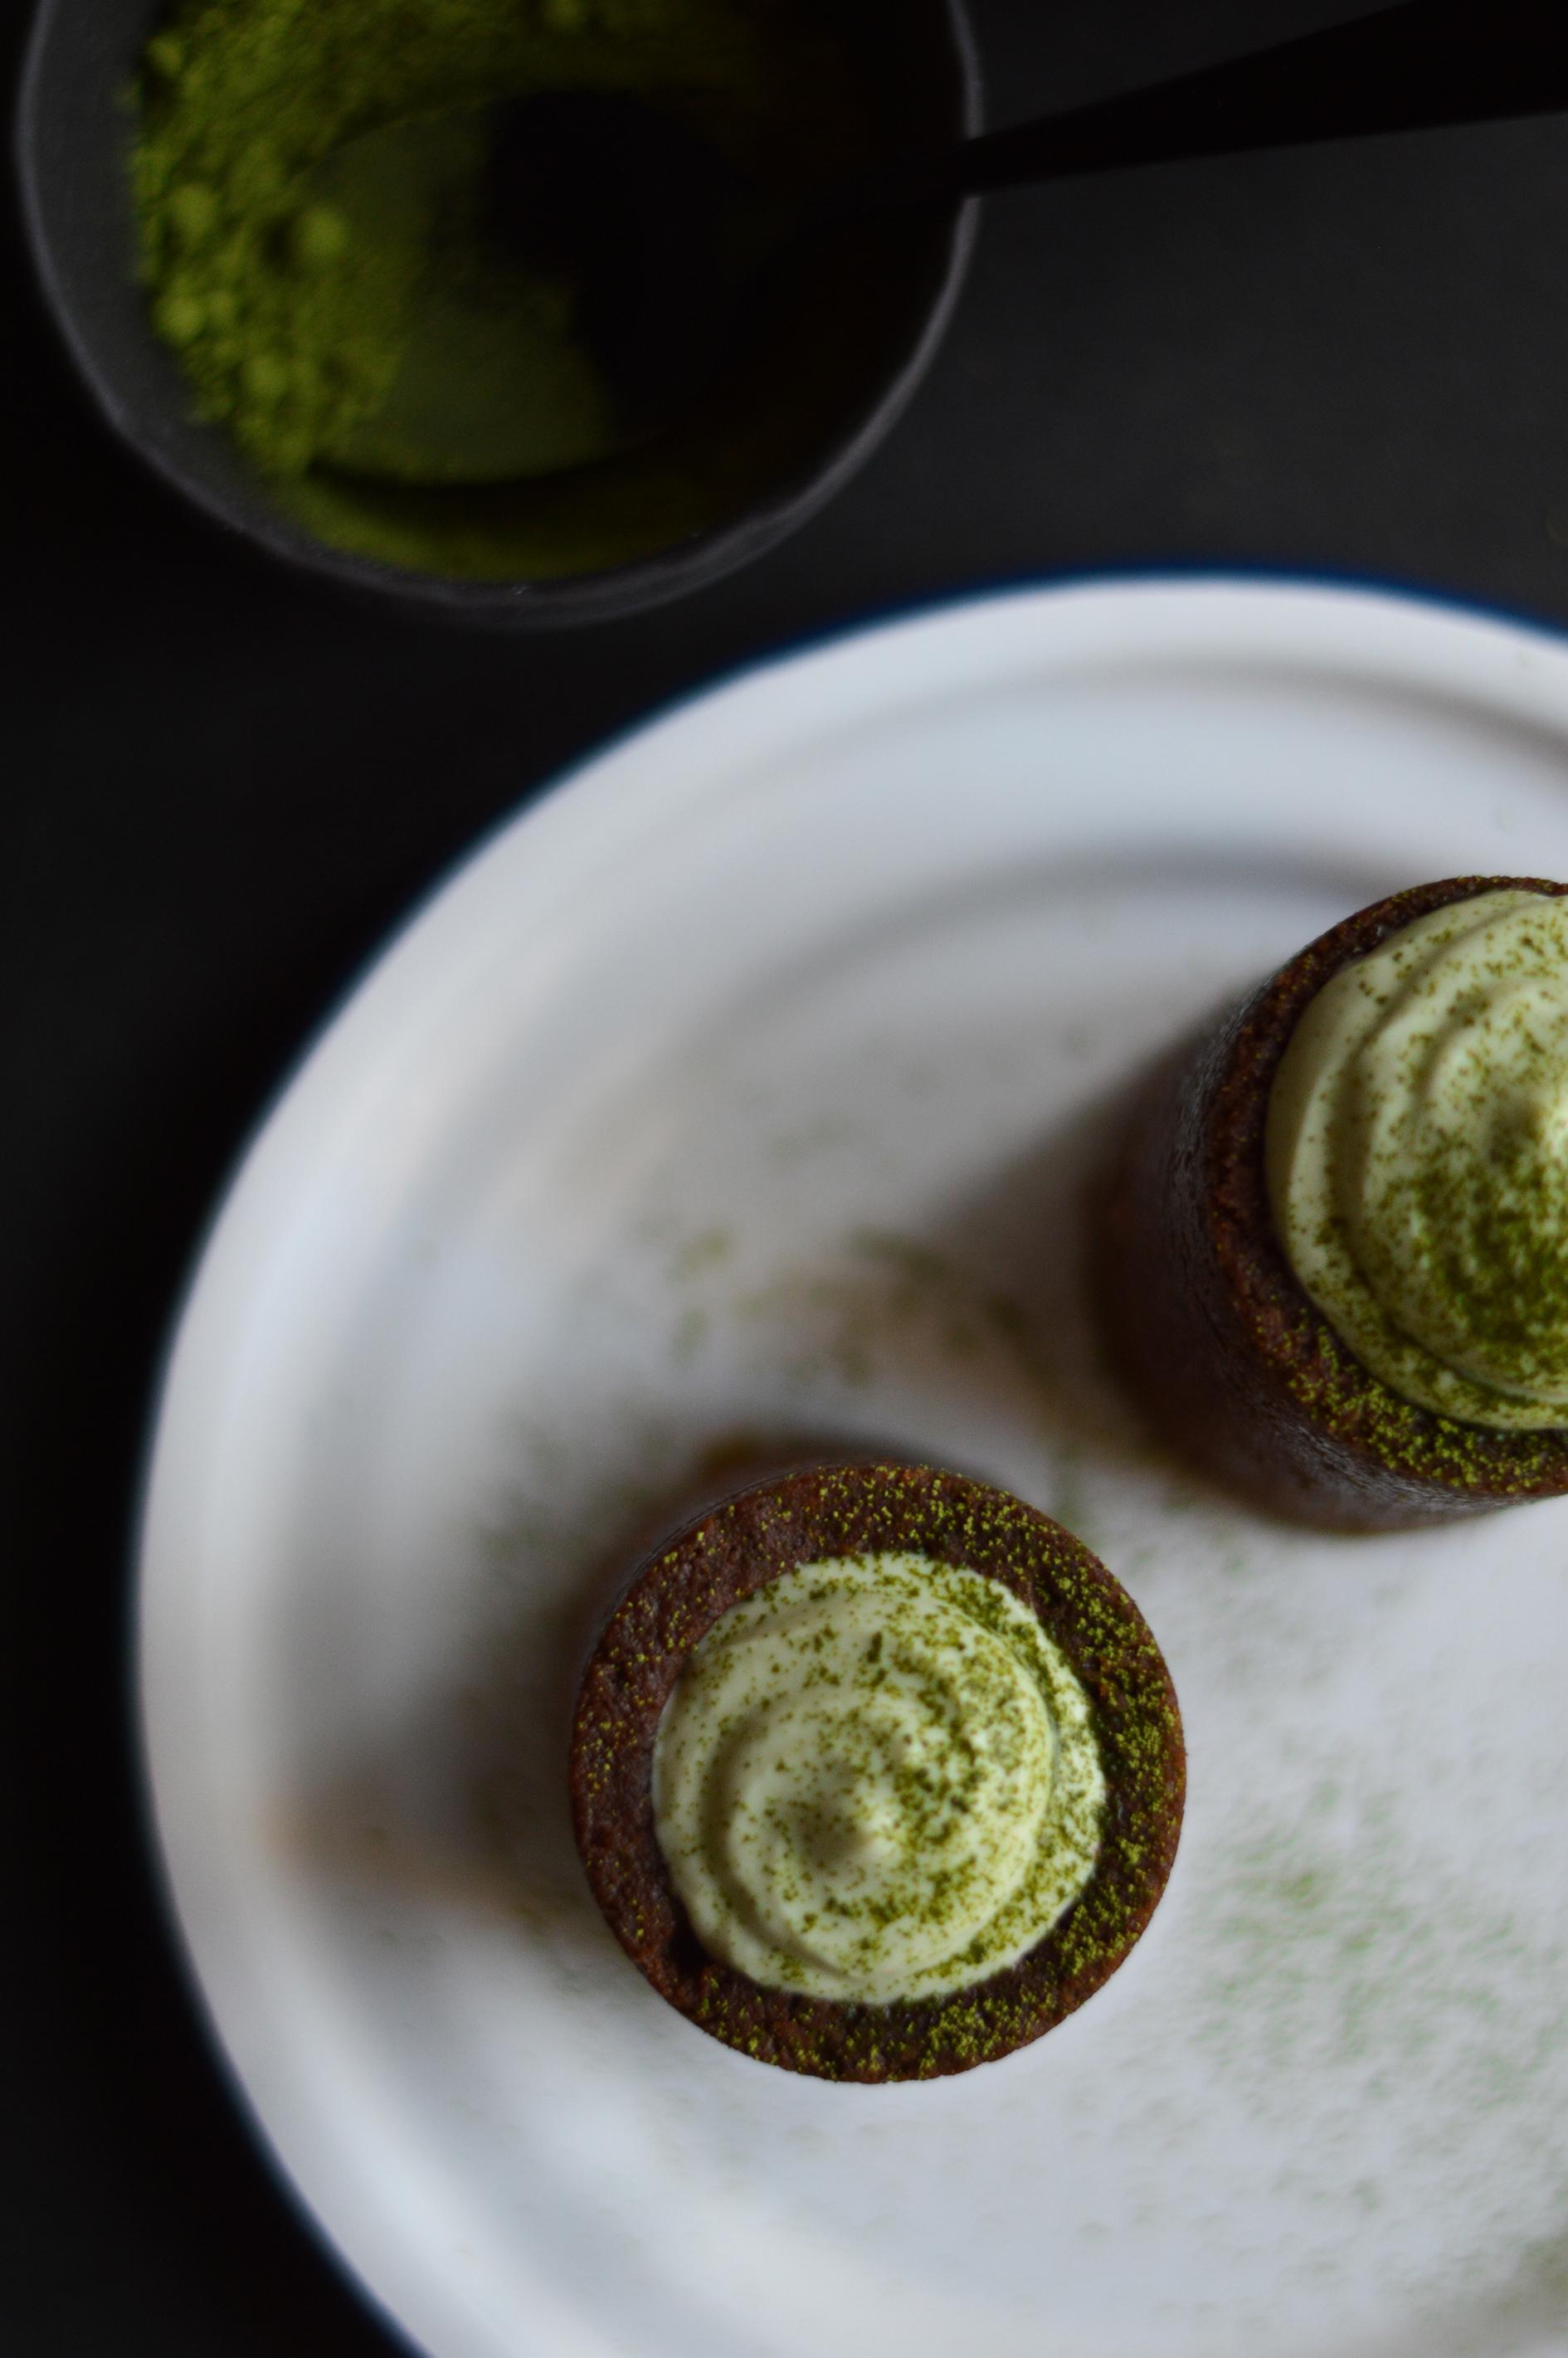 Cookie glass choco-matcha - Plus une miette dans l'assiette